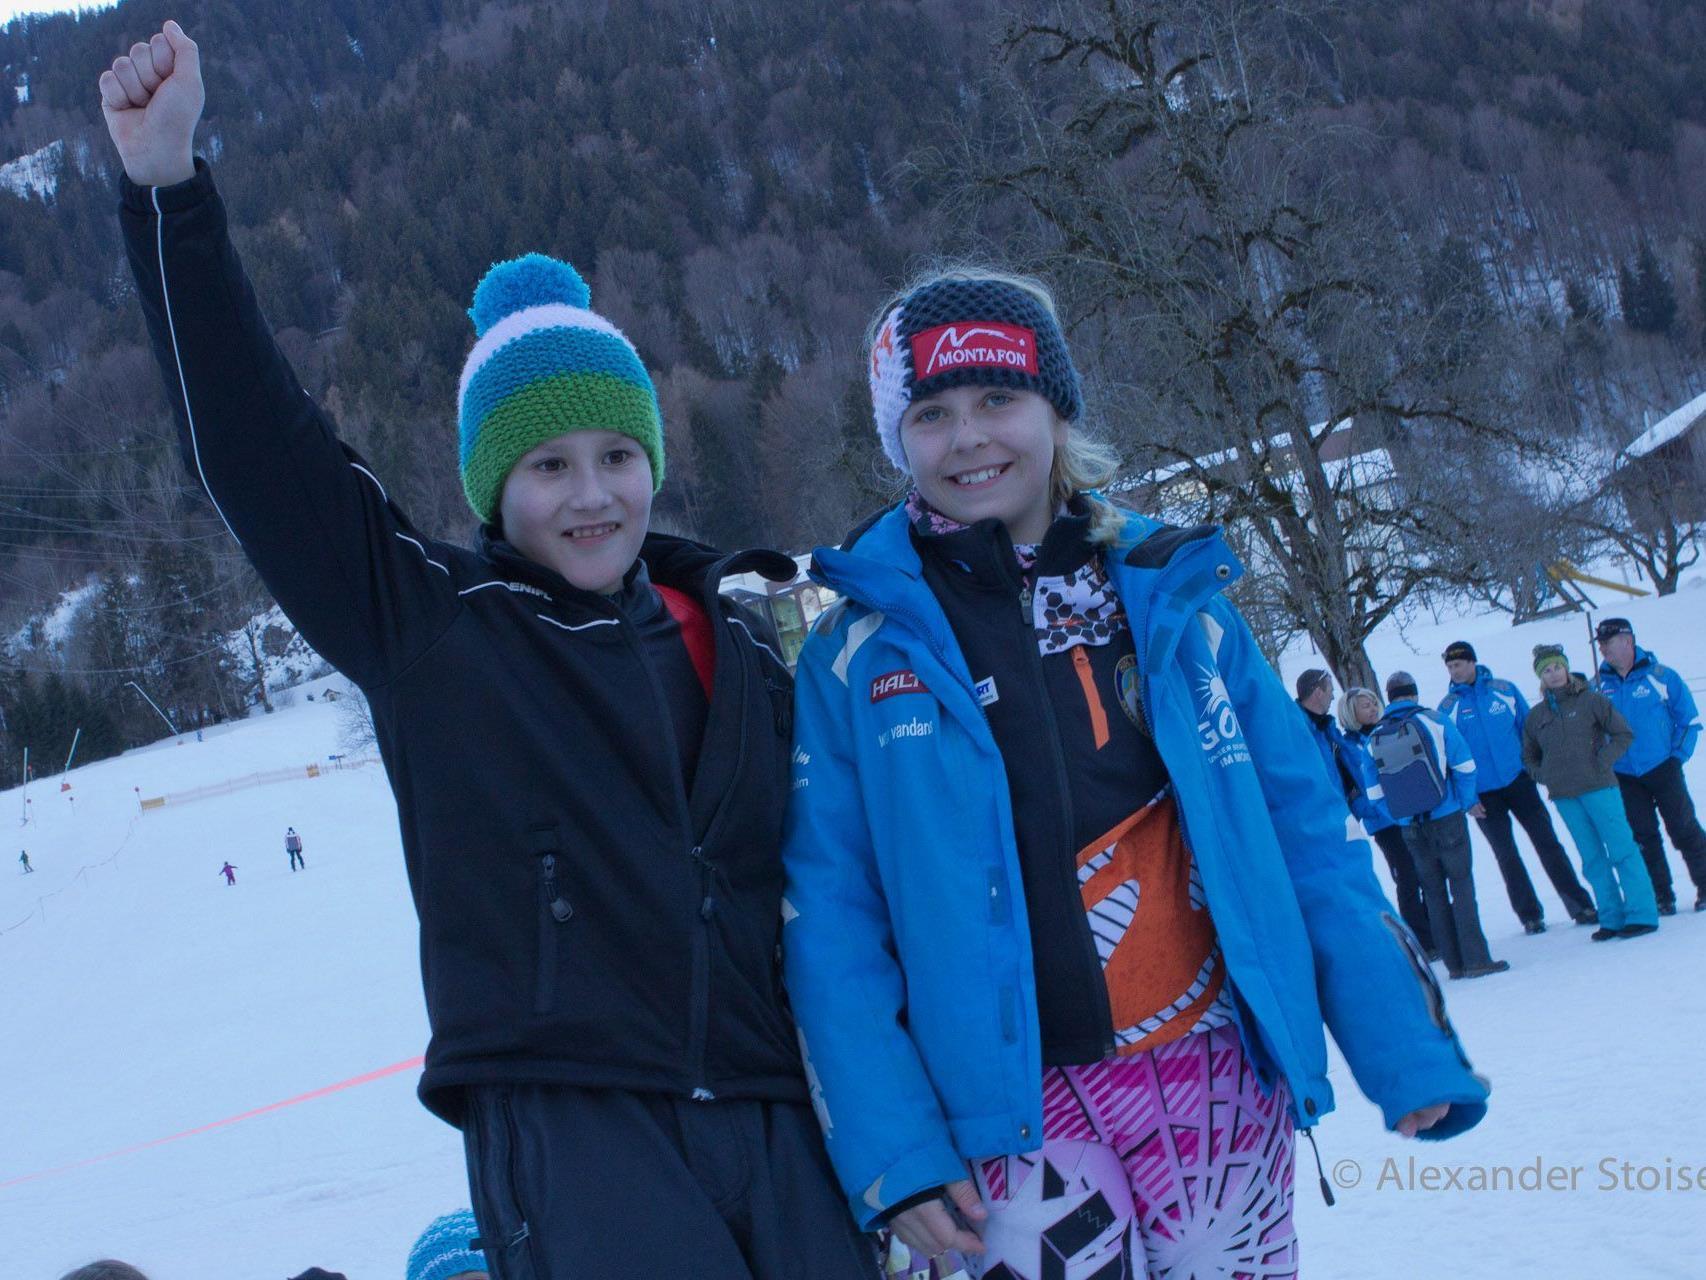 Schülermeister Miguel Neyer aus der 4b und Schülermeisterin Nina Kegele aus der 3a.